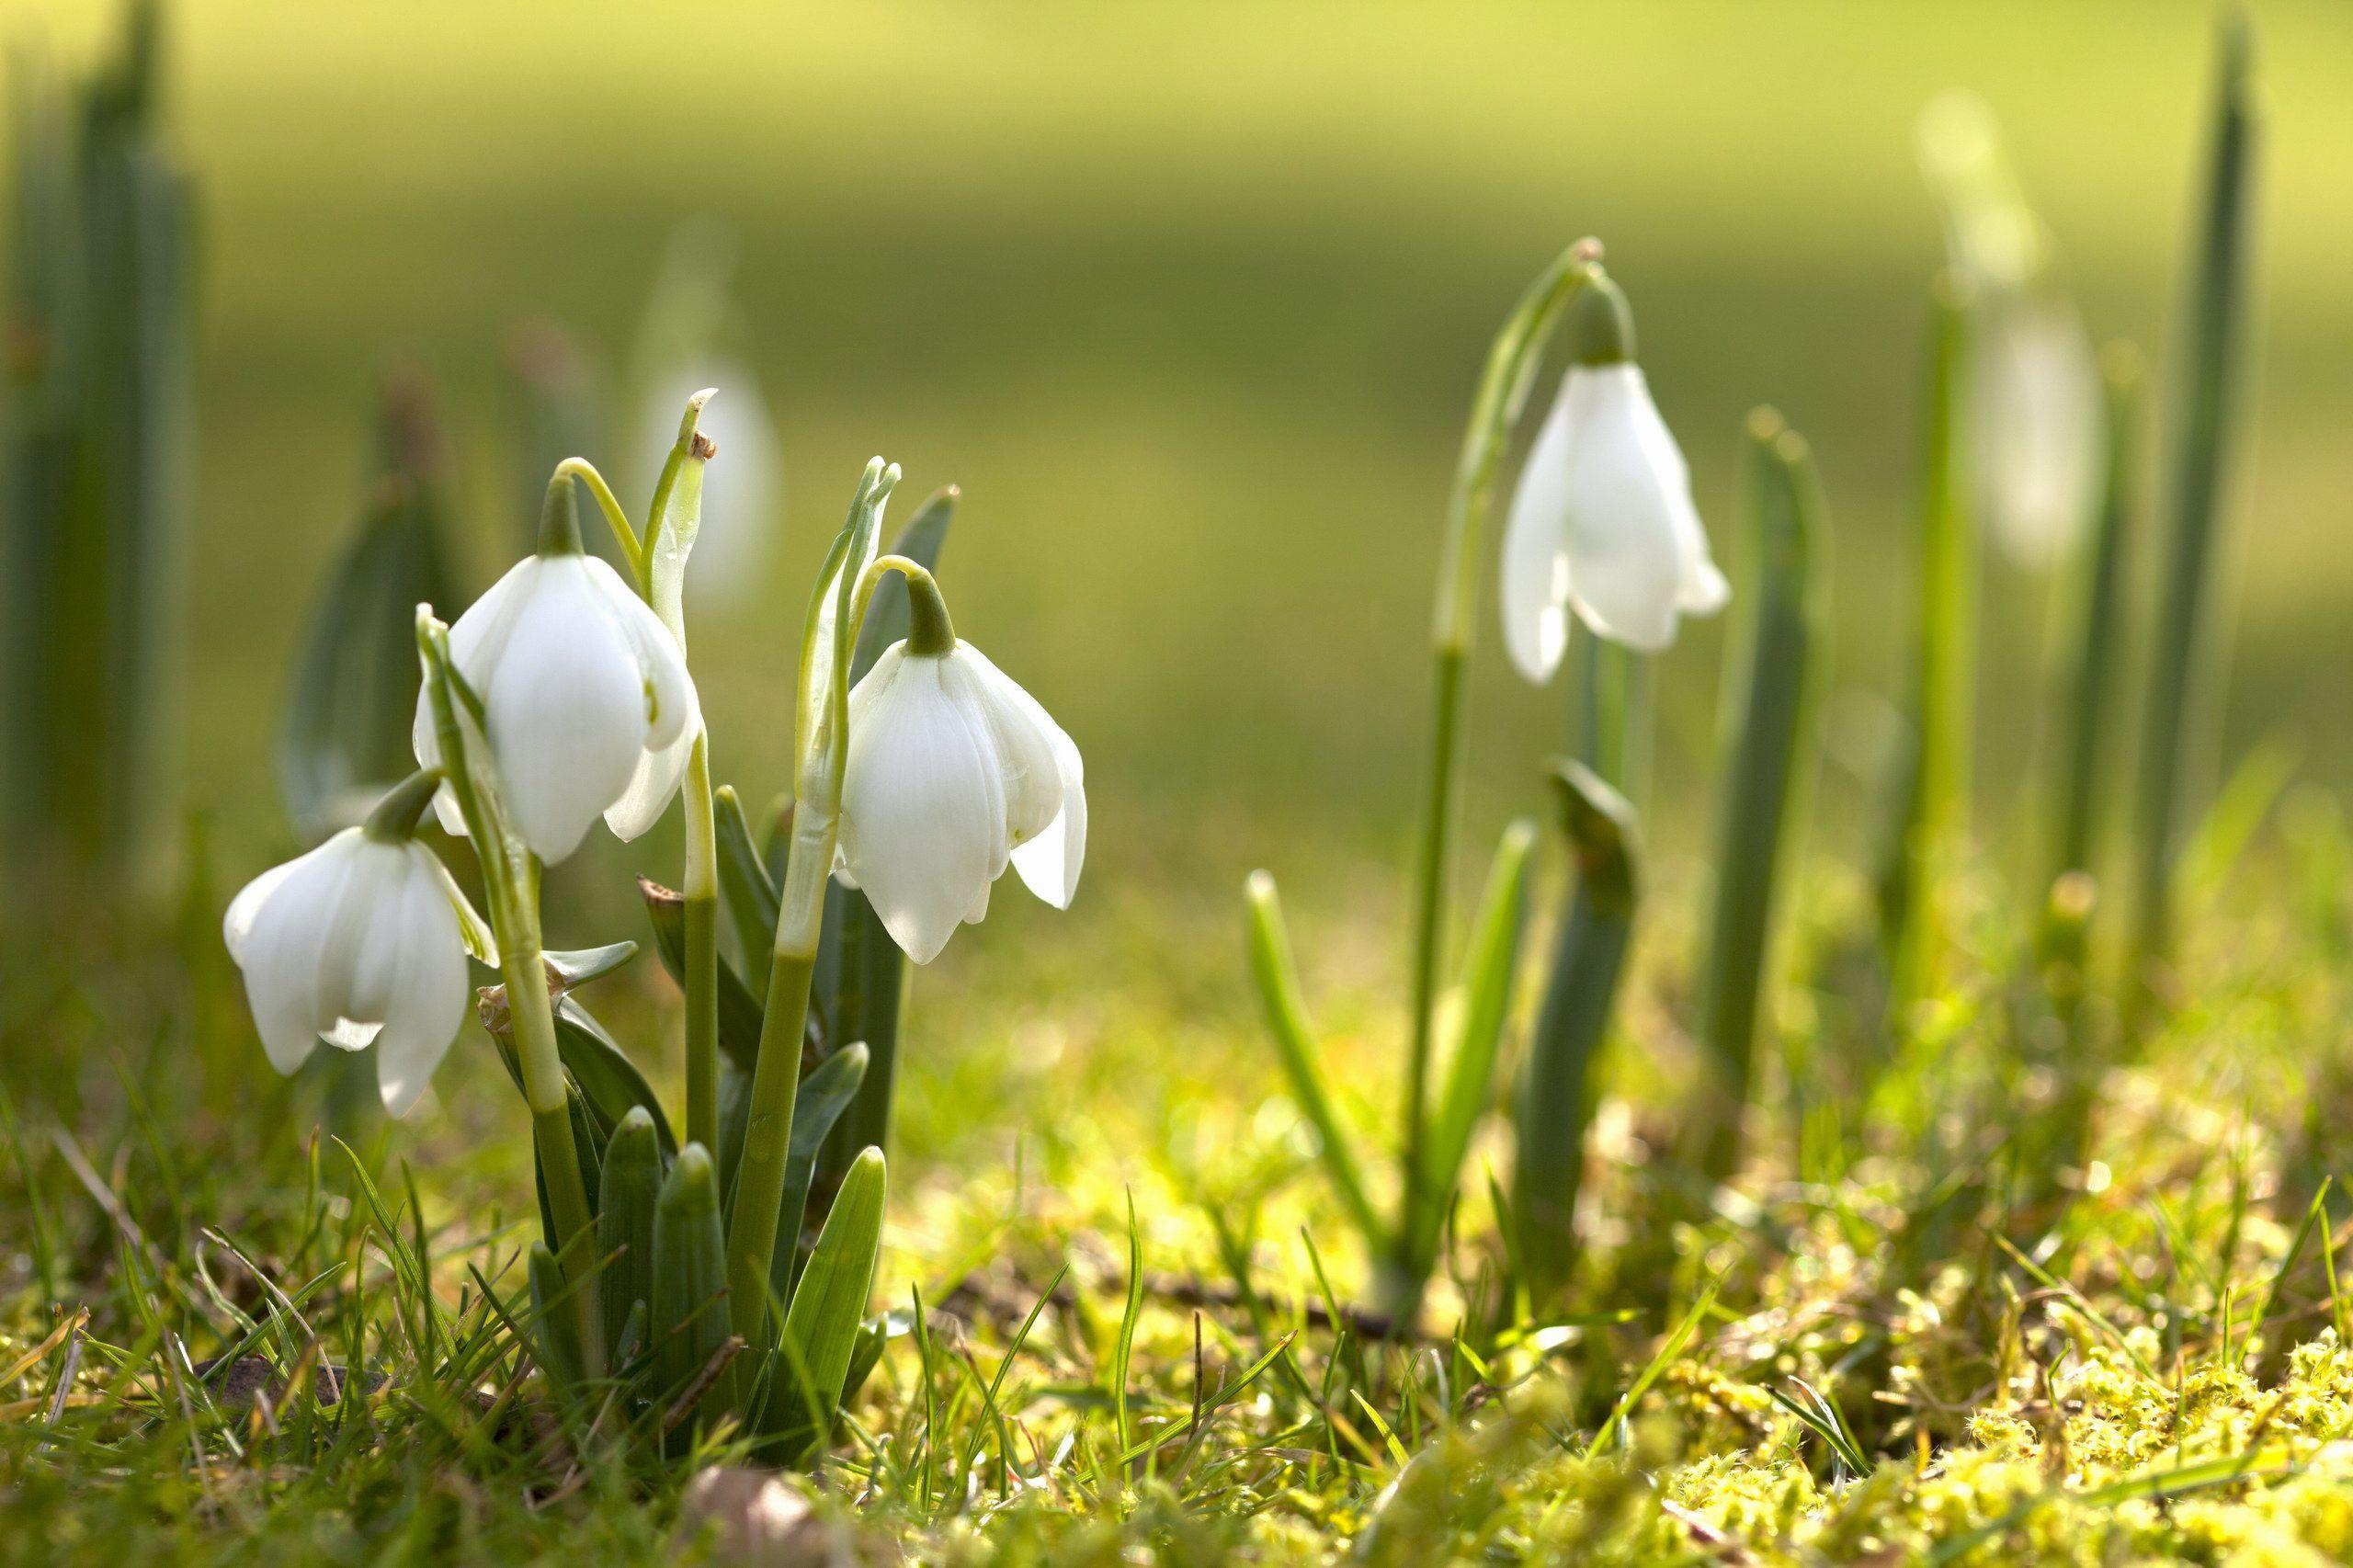 Spring (primavara) C79933d090c37463e73fd200135dee4c